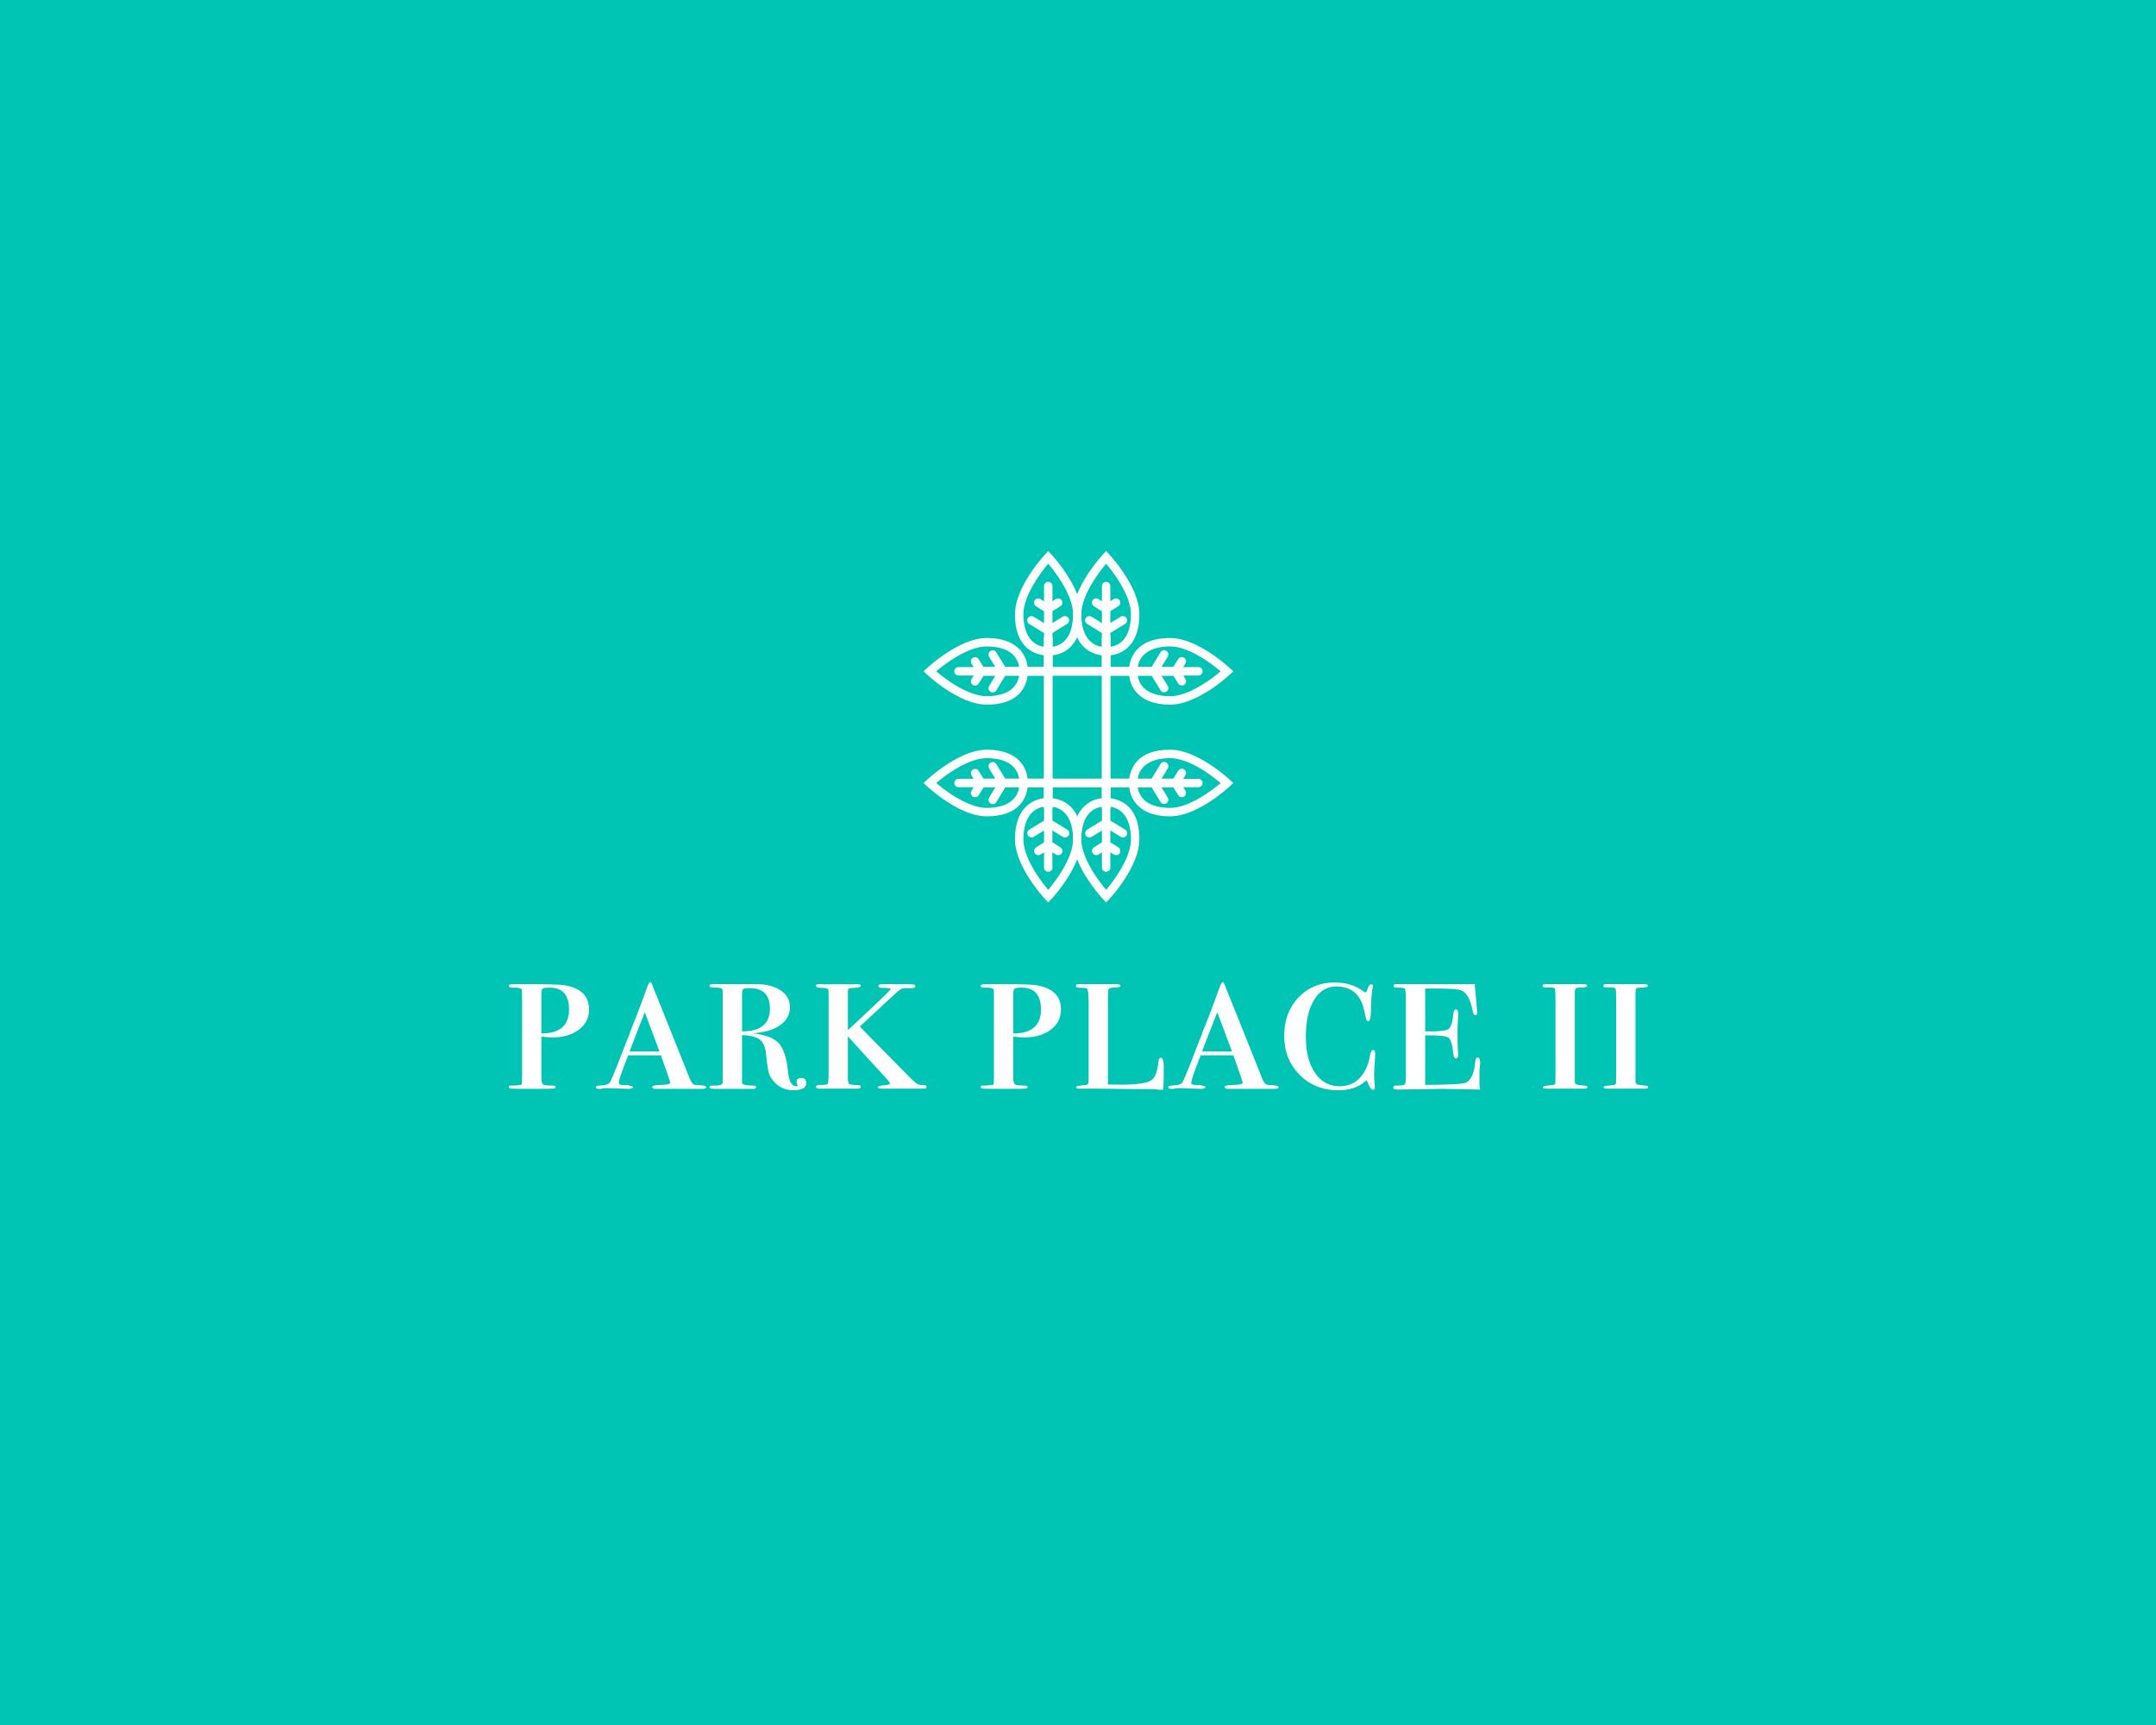 Park Place II Logo Variation